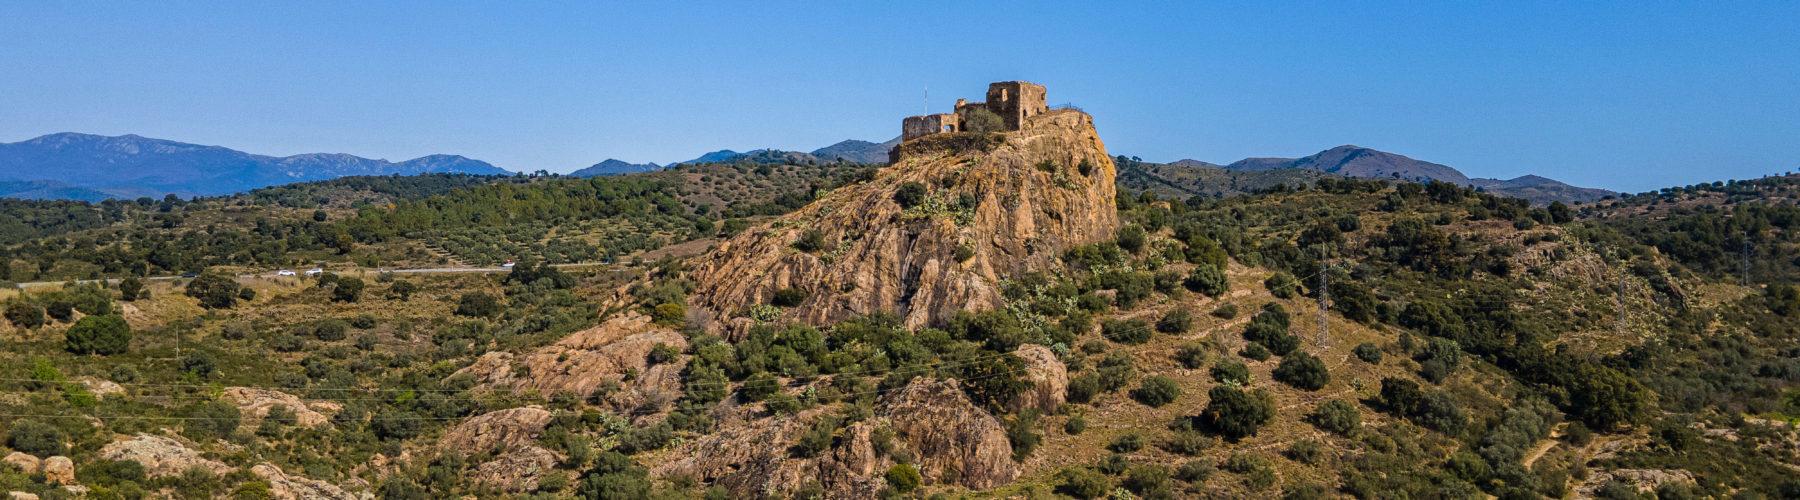 Patrimoine - Castell de Quermanço - Empordaturisme